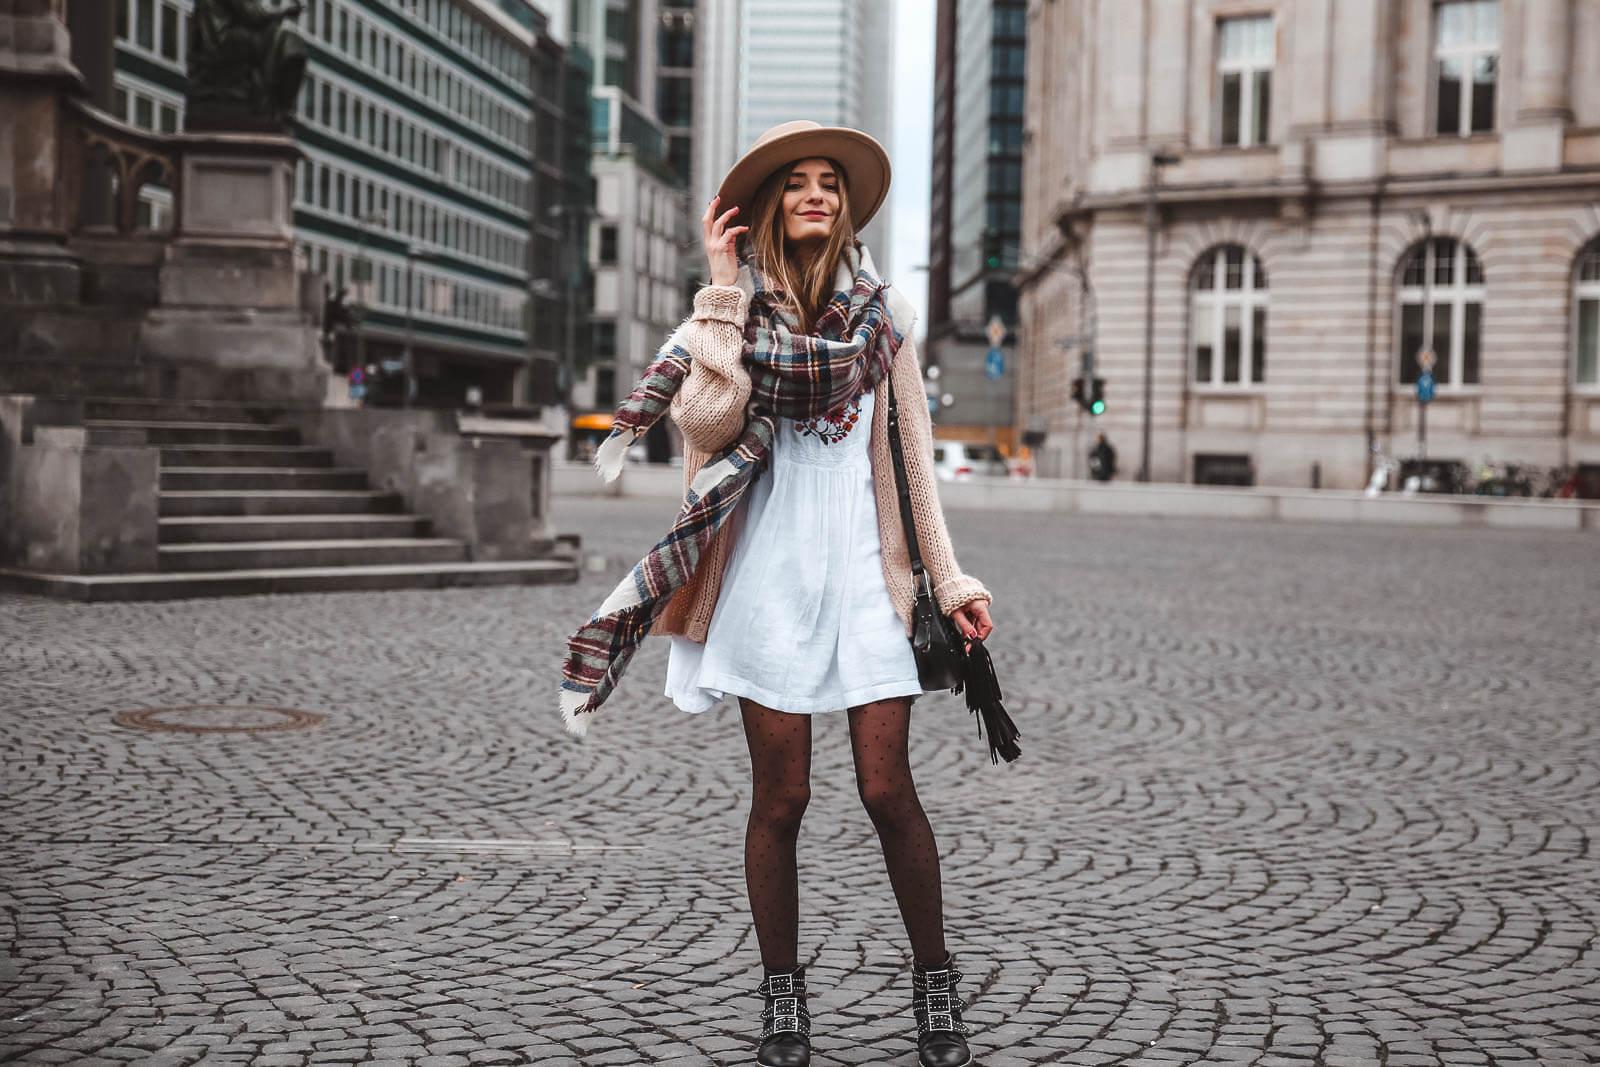 Gepunktete Strumpfhosen Zu Kleidern Und Rocken Kombinieren